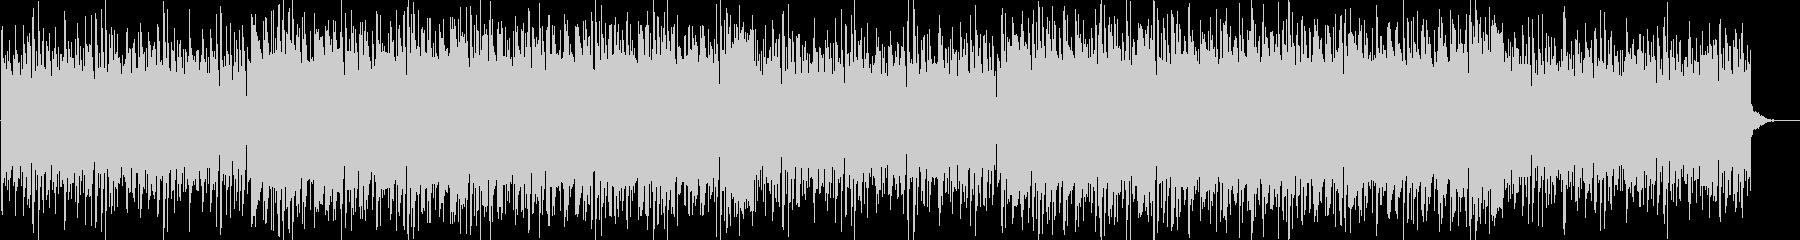 クールなドラムンベースの未再生の波形